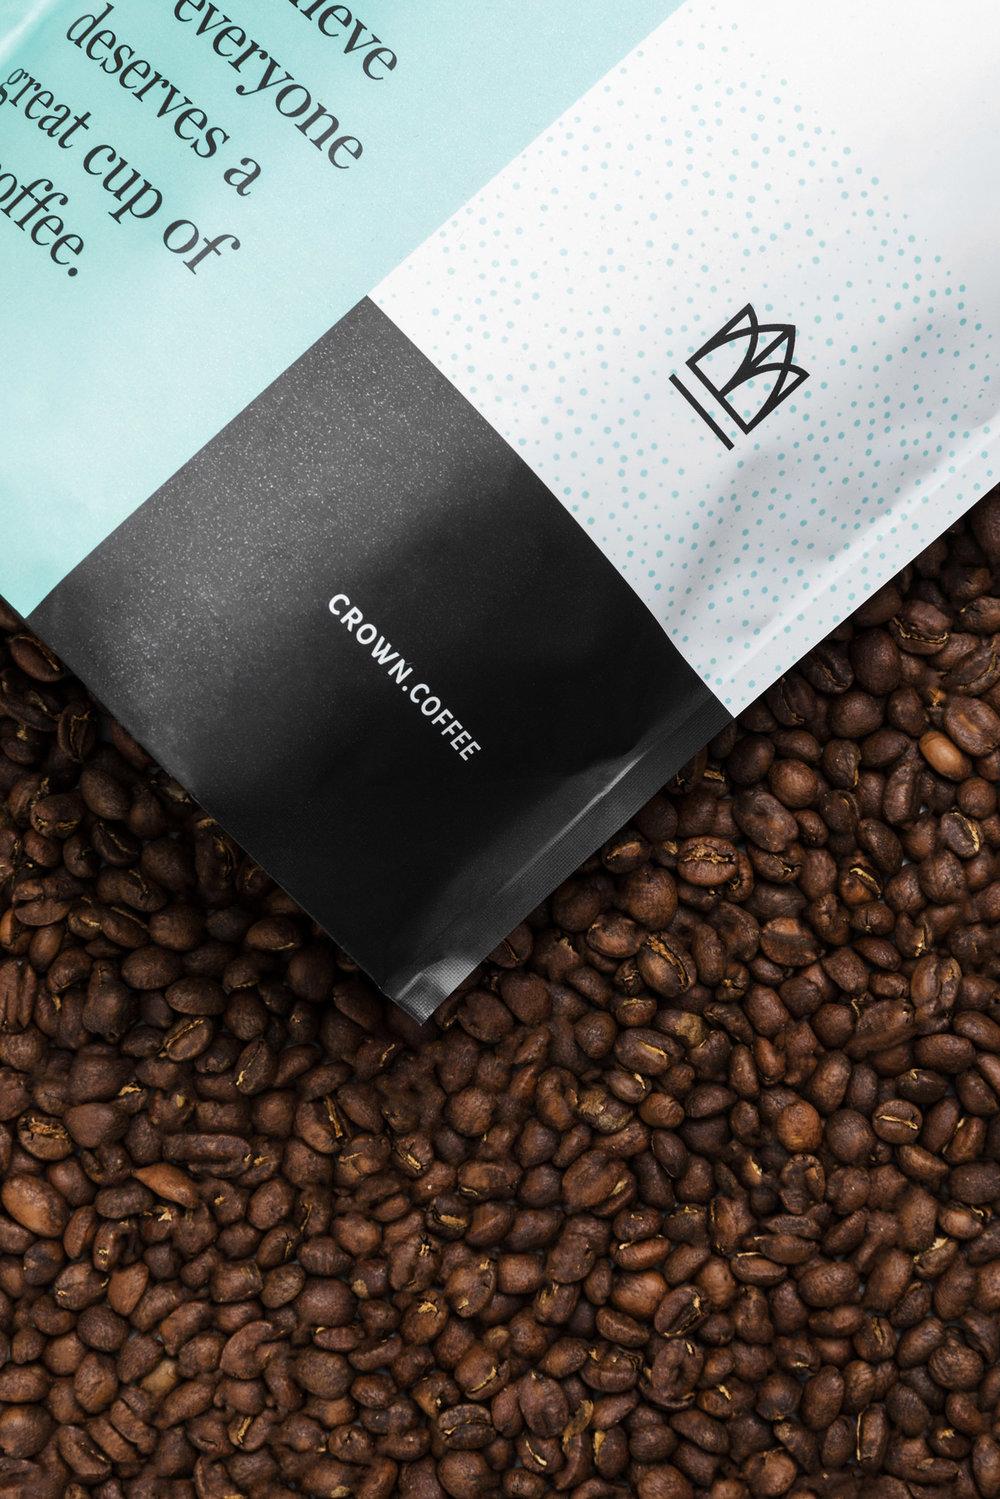 scott-snyder-mast-crown-coffee-10.jpg